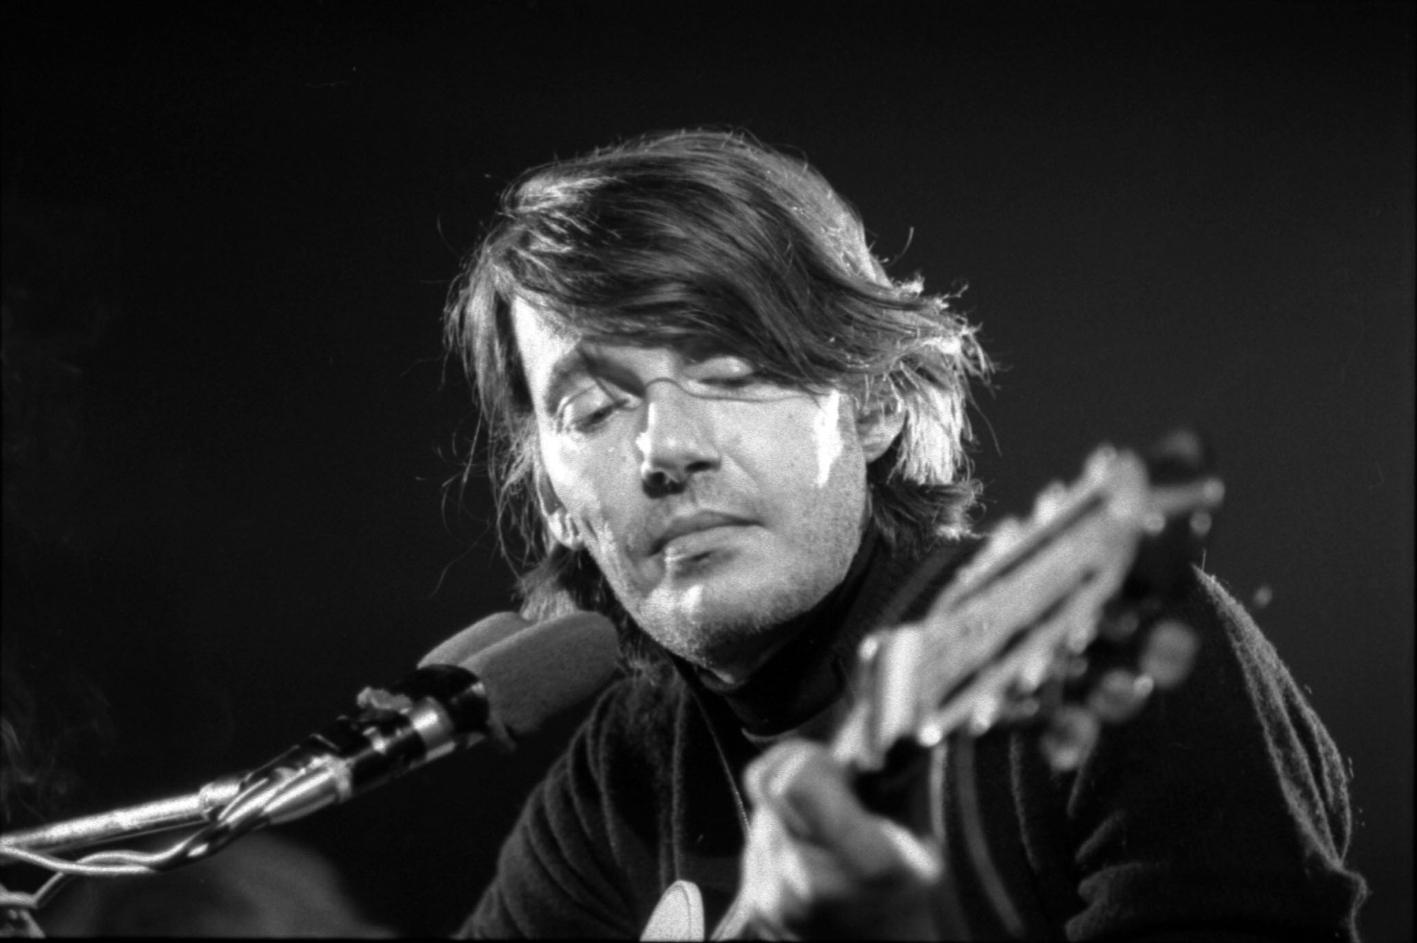 21 anni fa la morte di Fabrizio De Andrè| Cagliari - Vistanet